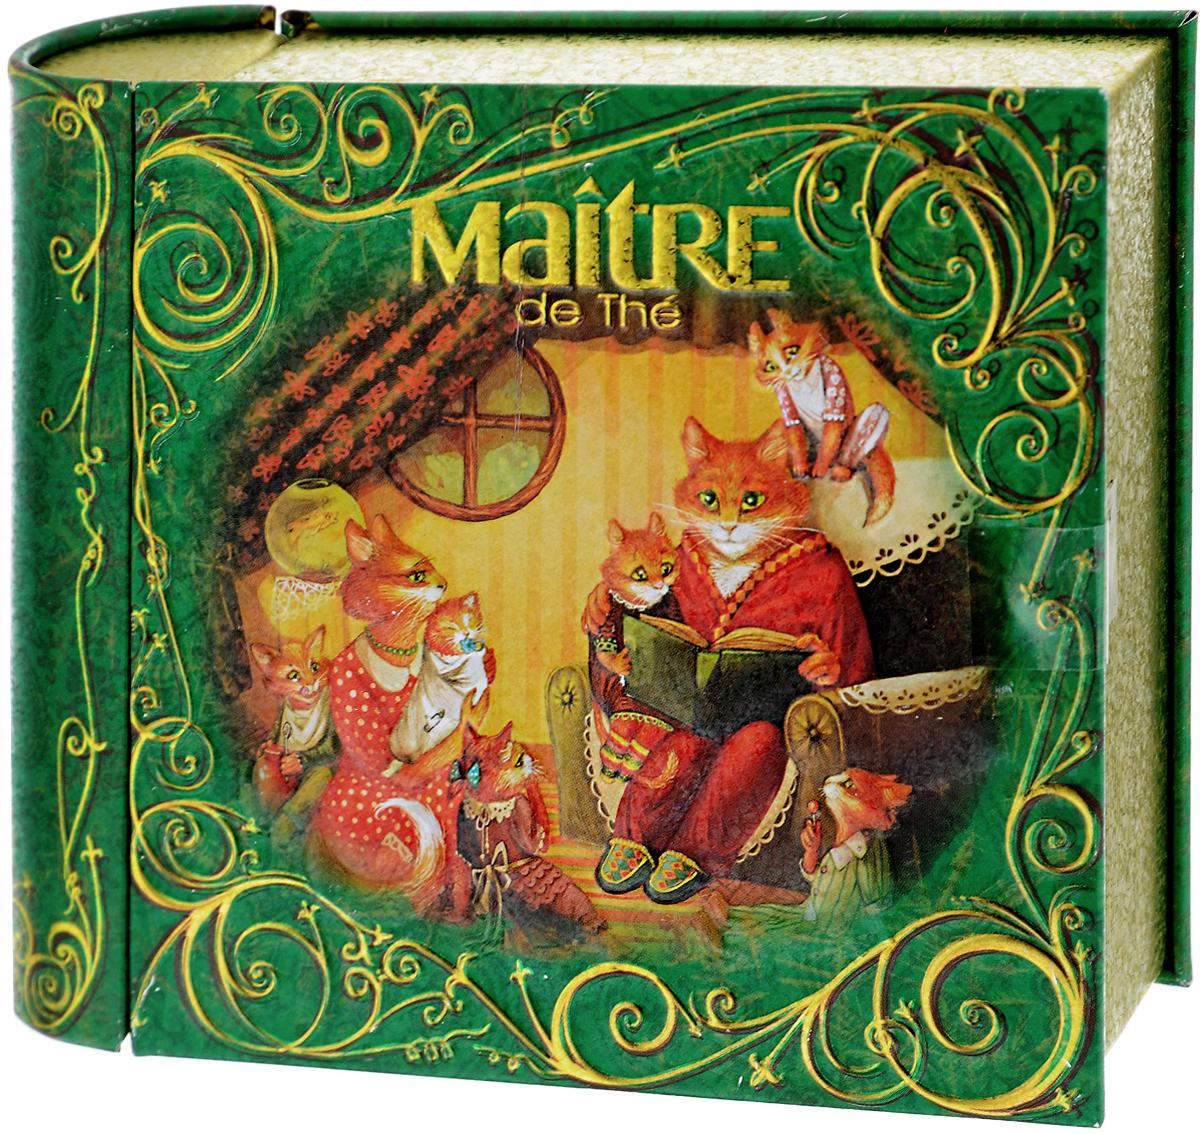 Maitre Домашний очаг чай черный листовой, 65 гбаж011Превосходный купаж черного байхового индийского и цейлонского листового чая Maitre Домашний очаг в новогодней подарочной упаковке в виде толстой книжки. Яркий, насыщенный дизайн, потешные герои – все рождает самые теплые и светлые чувства. Отлично подойдет в качестве подарка на новогодние праздники.